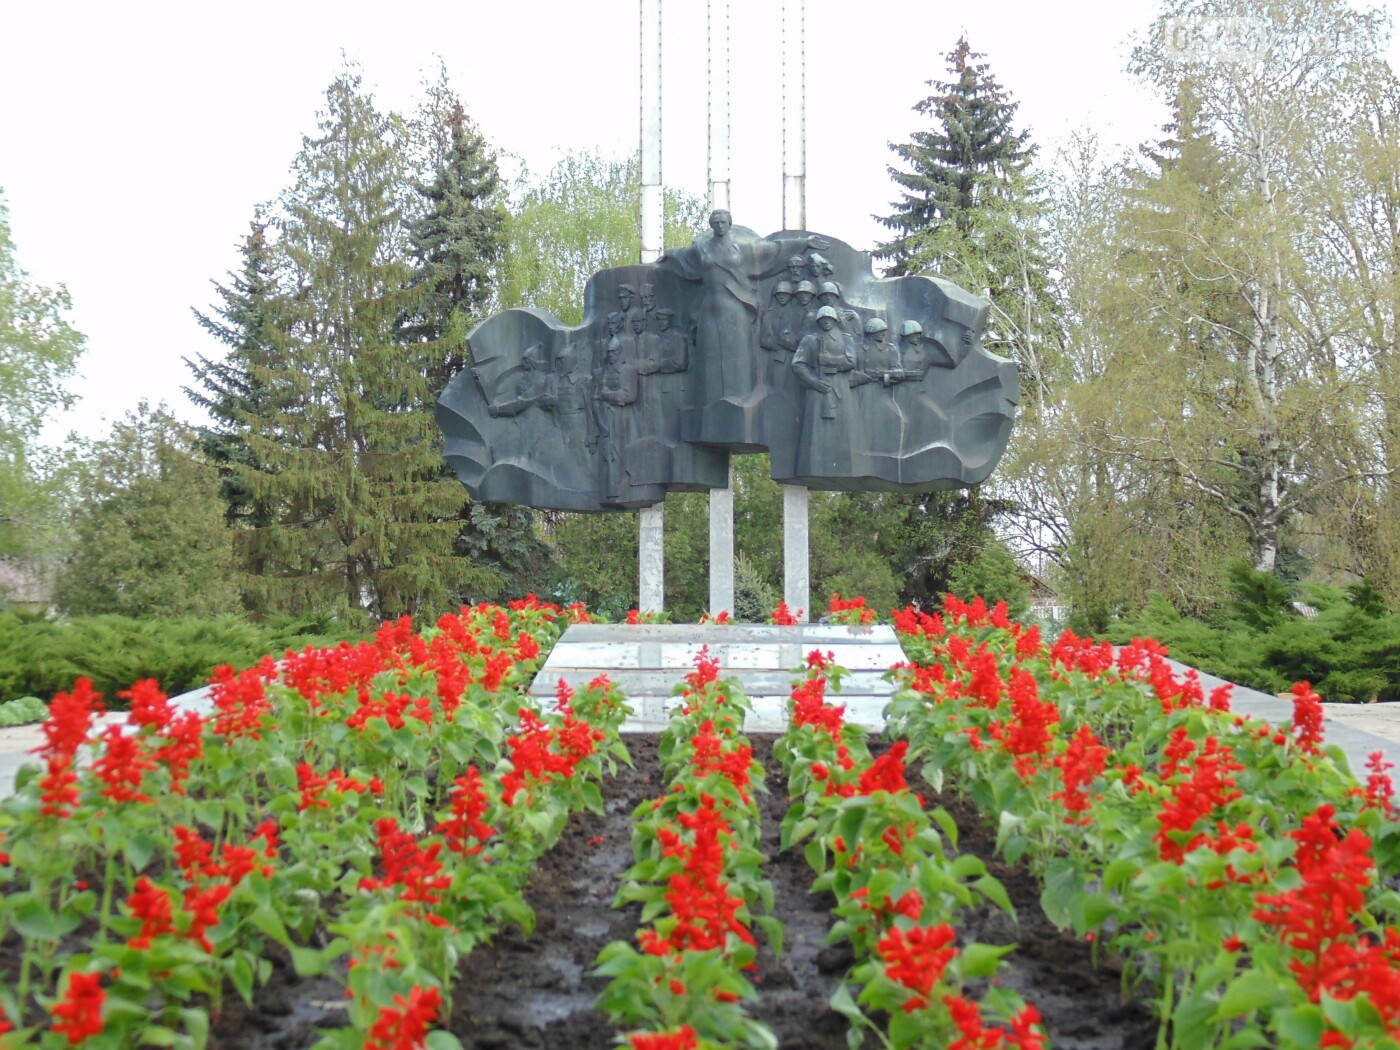 Петунії, тагетеси, сальвії: скільки коштів Лозівщина витратила на квіти для клумб, фото-1